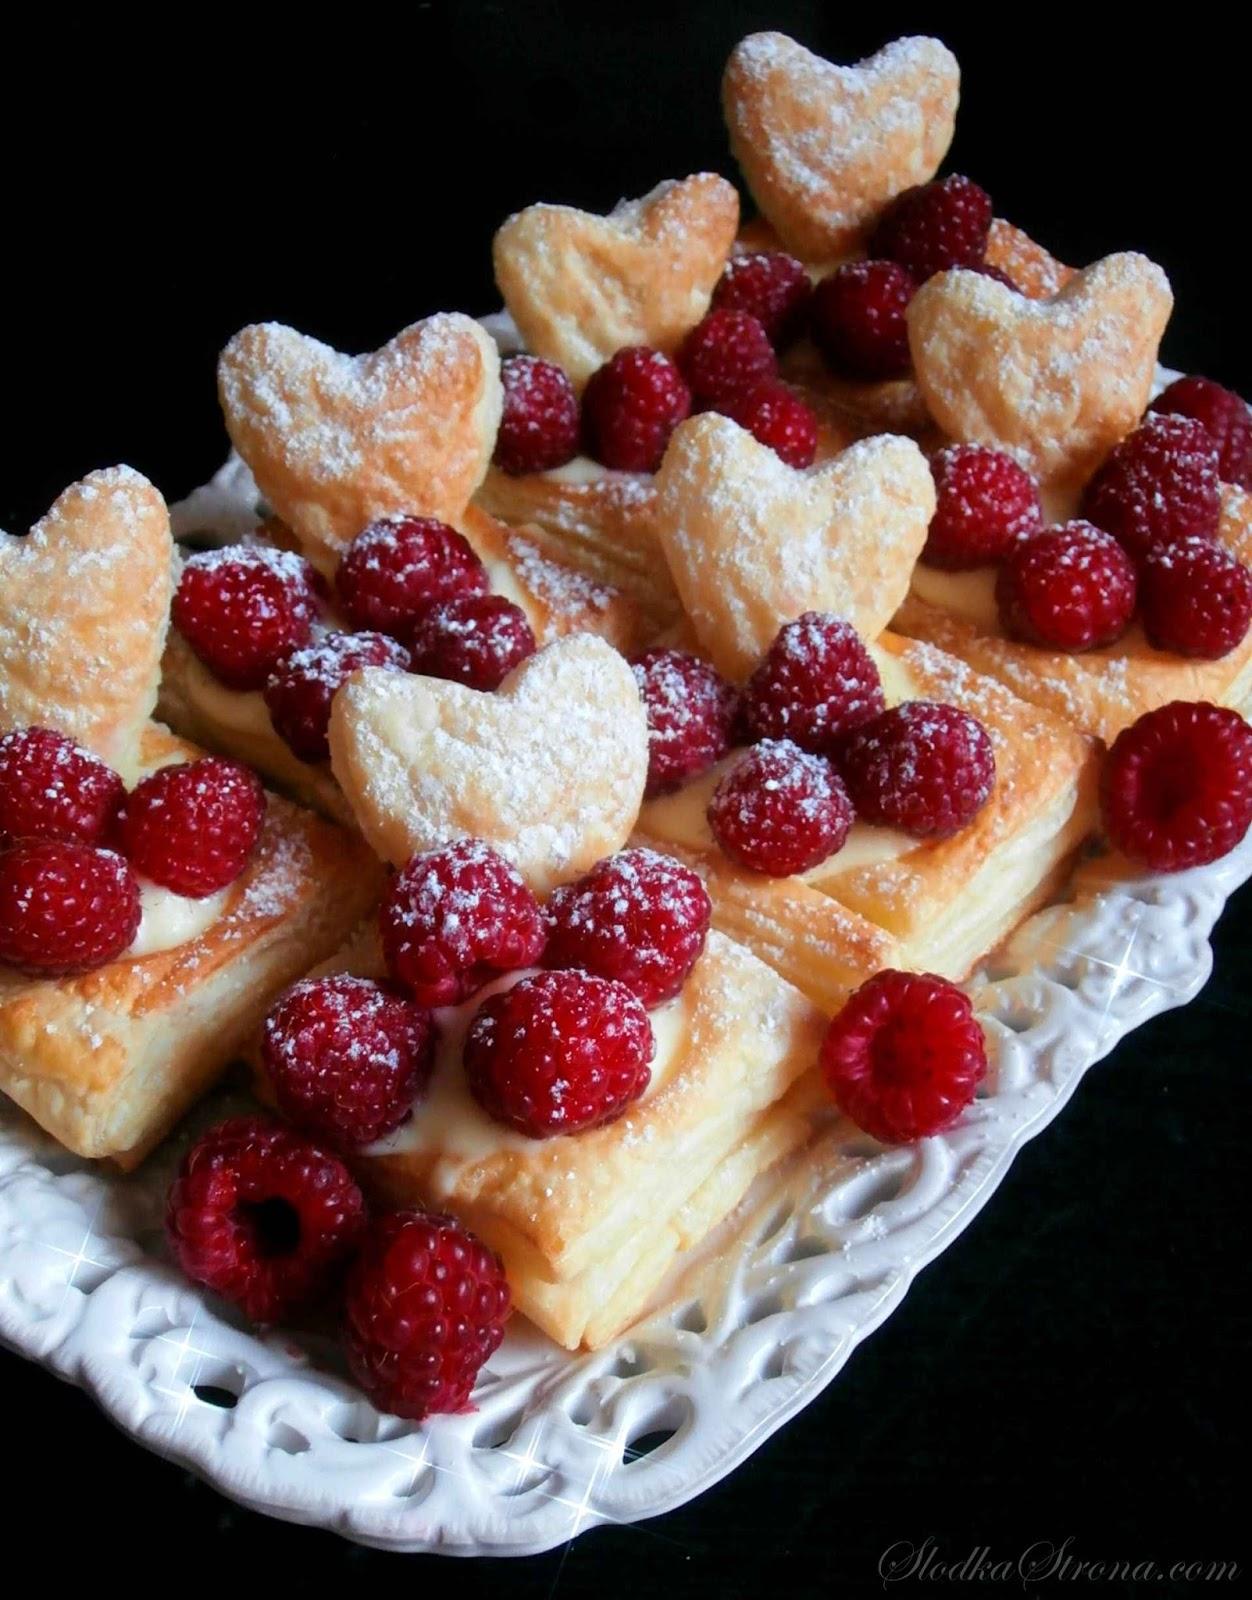 ciasto francuskie przepisy